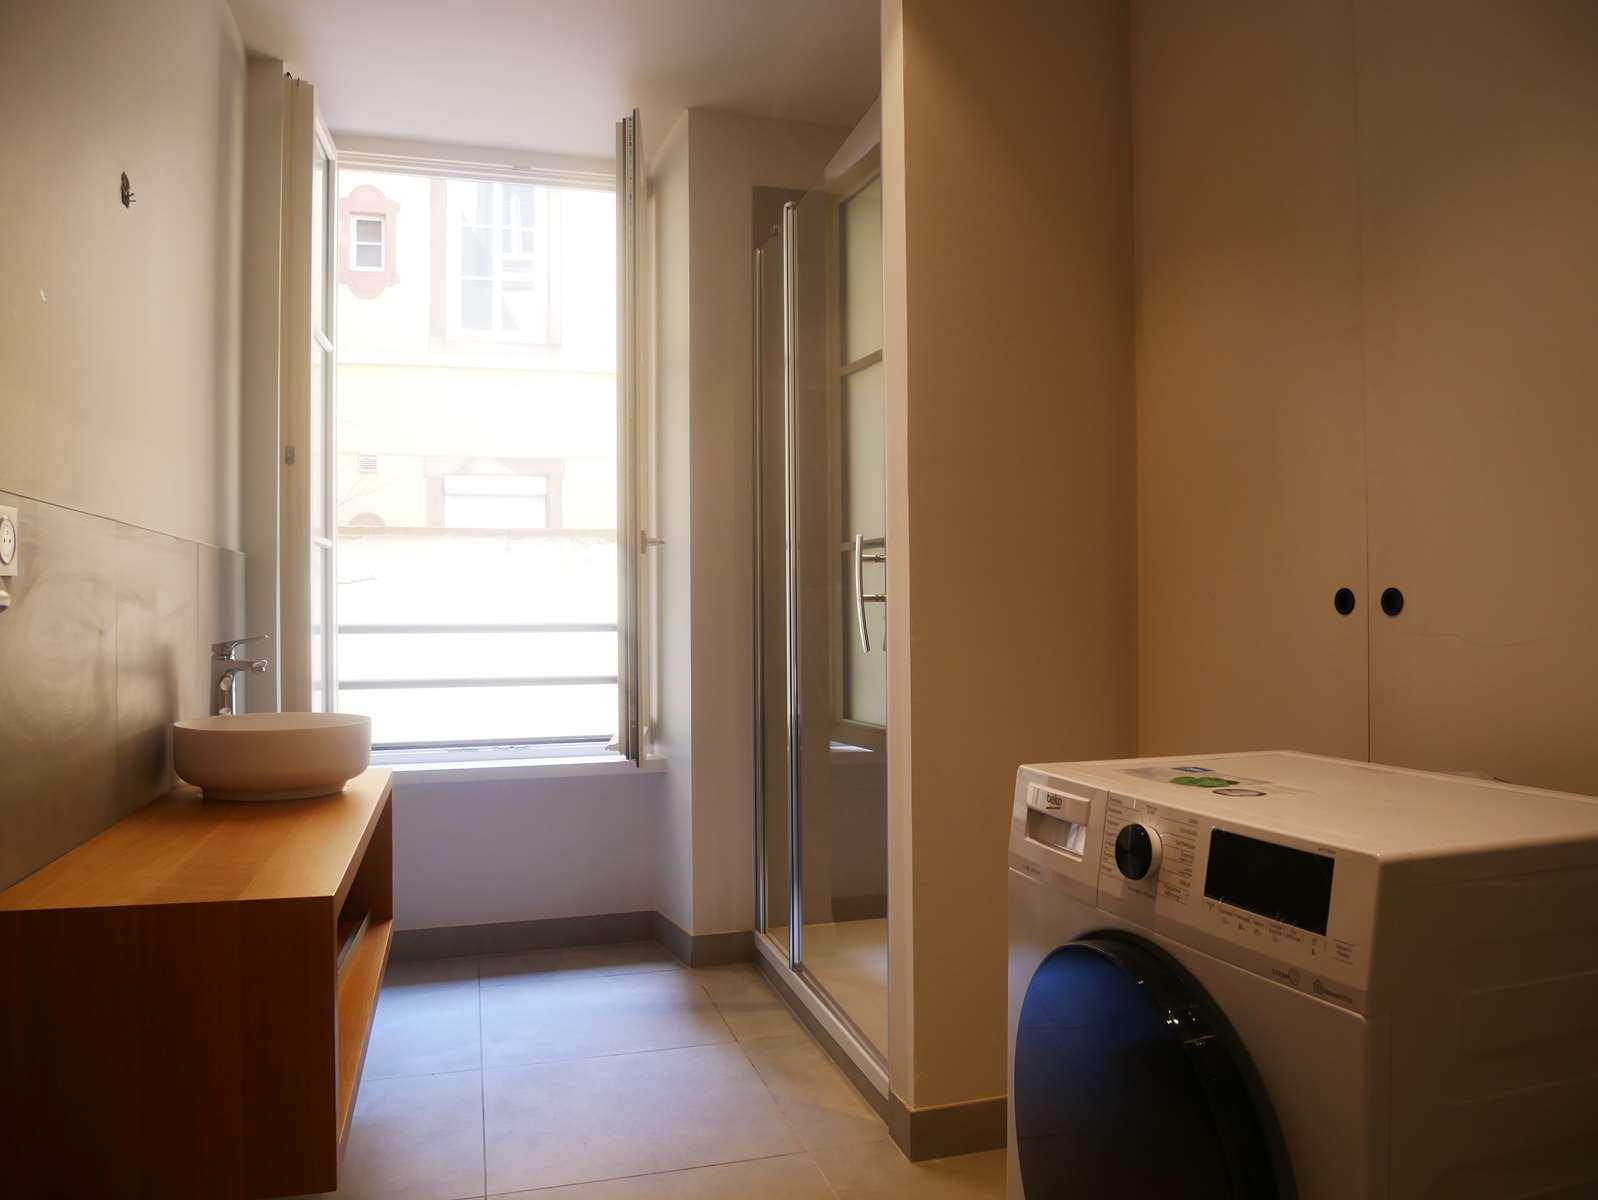 [Grand Dragon] Un superbe 4 pièces refait à neuf - Petite France / rue du Dragon - nos locations - Beausite Immobilier 7